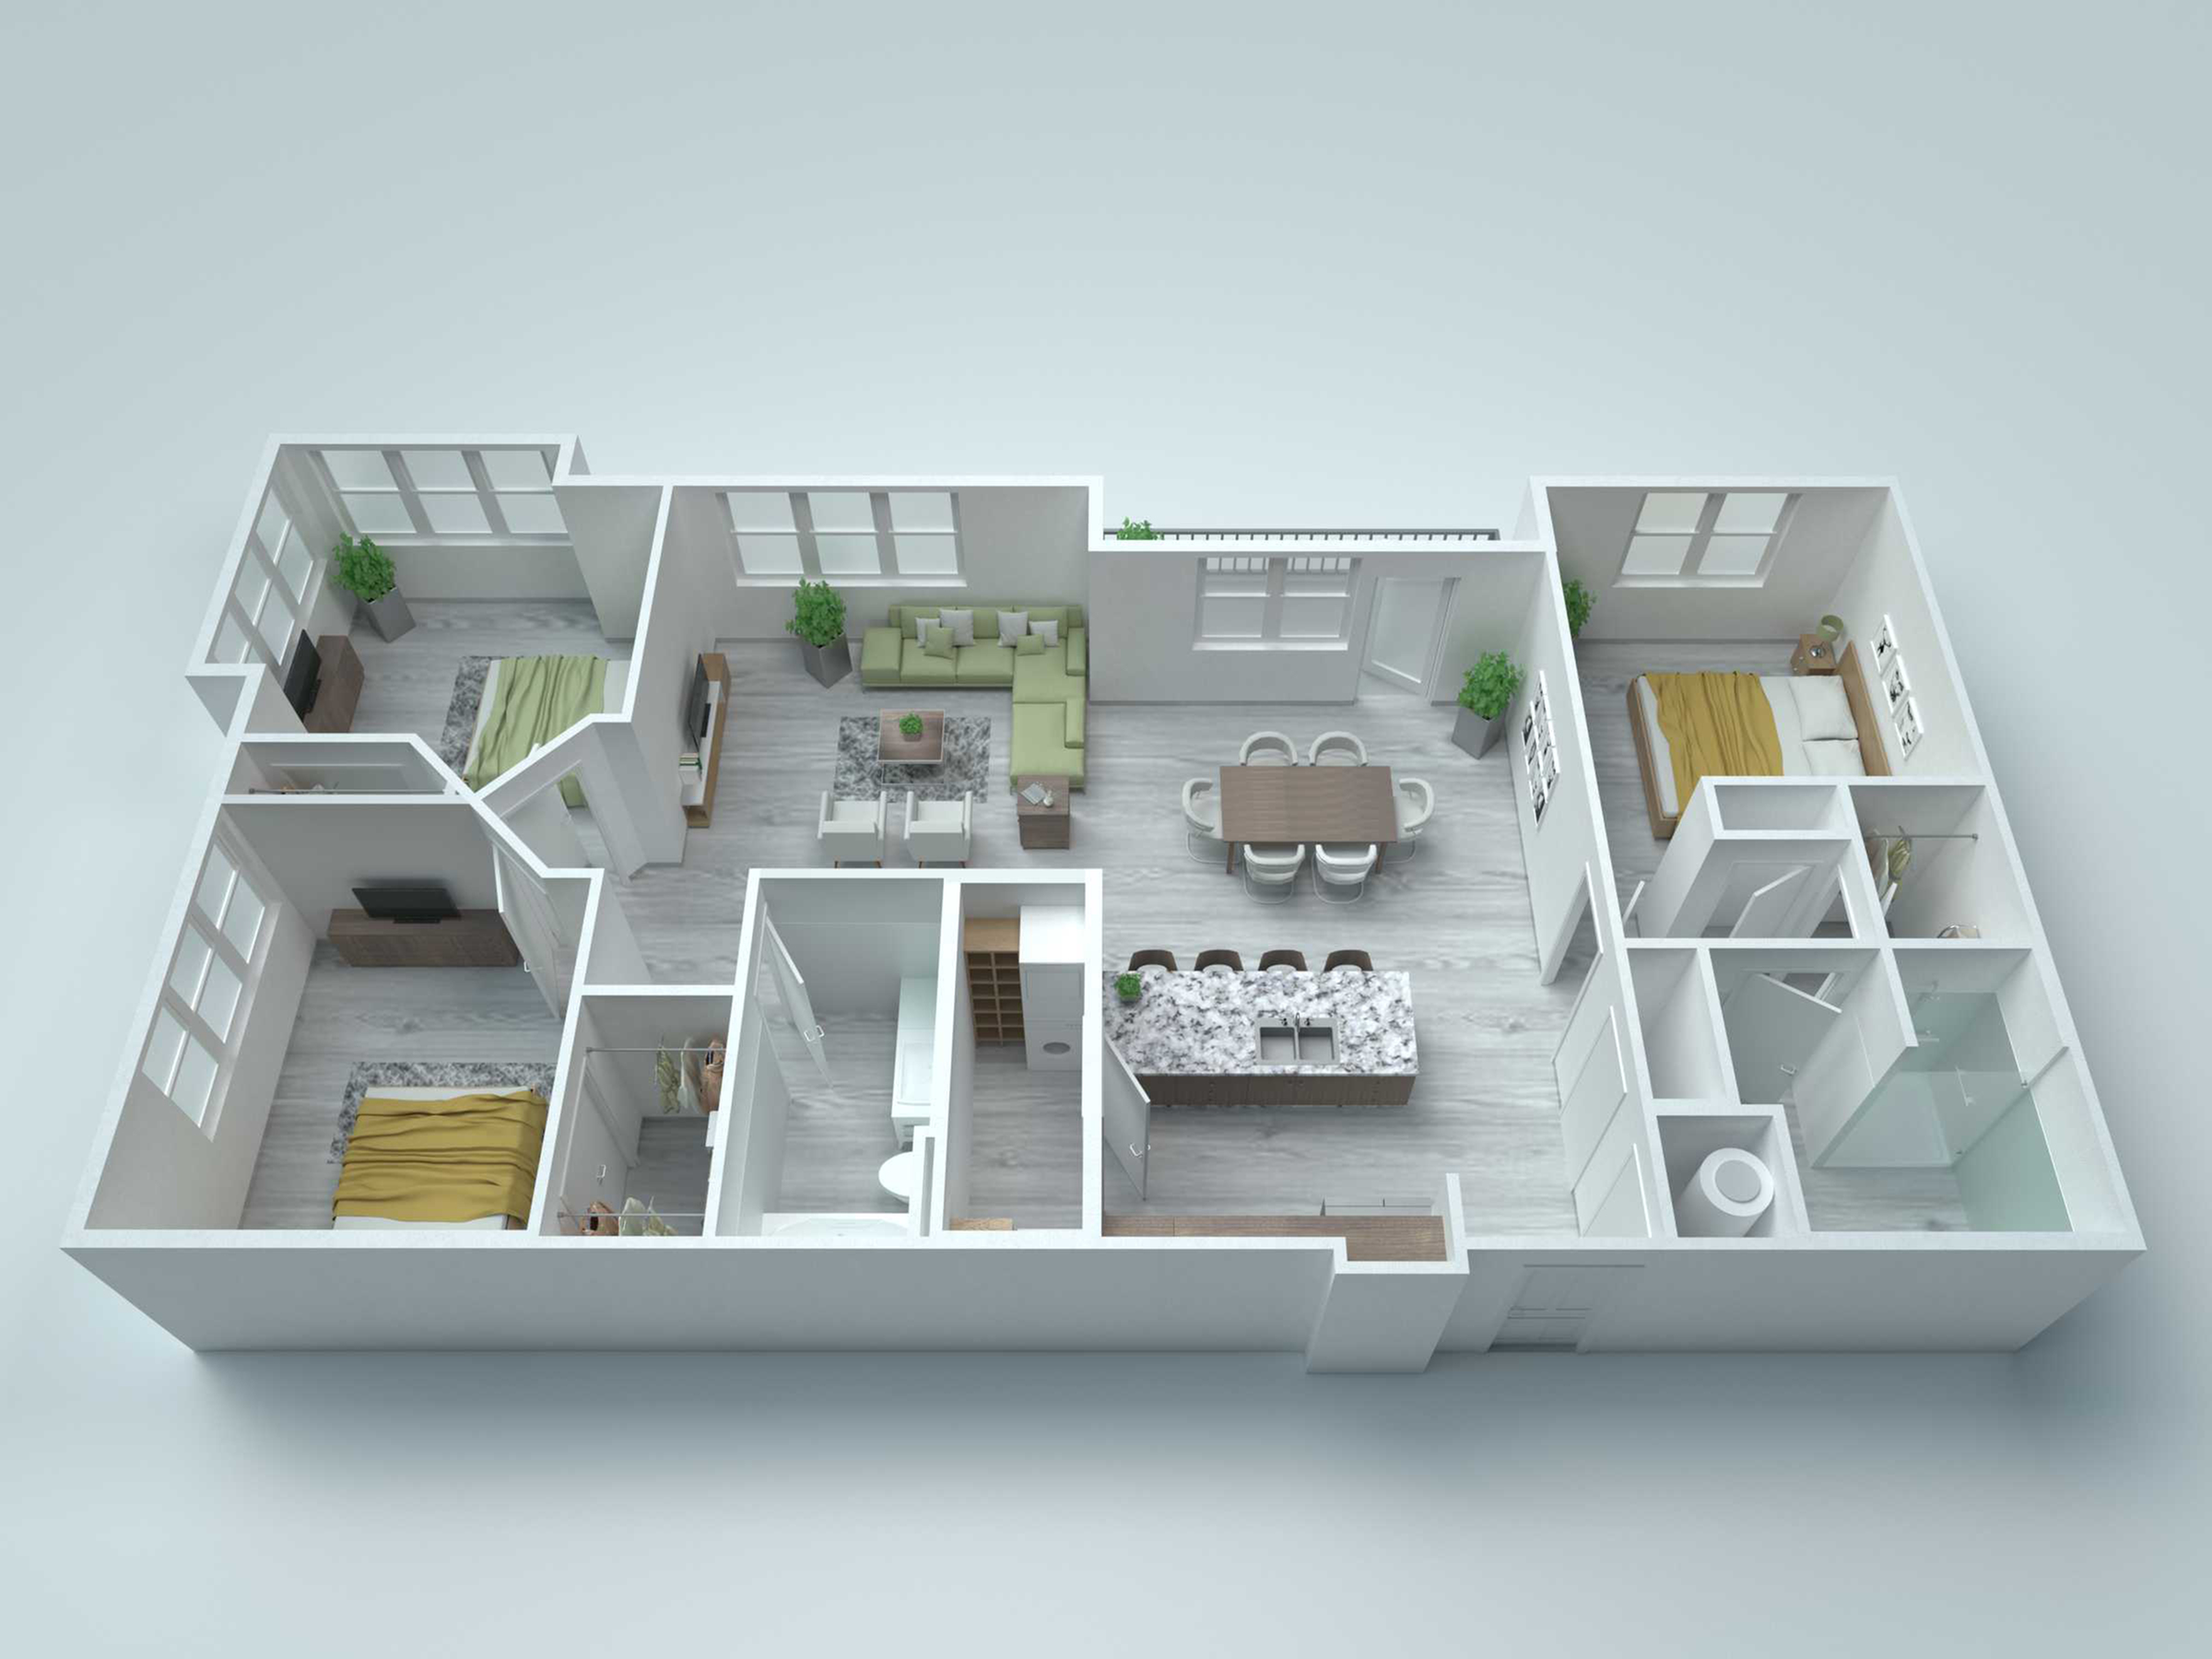 C3 Type A Floor Plan